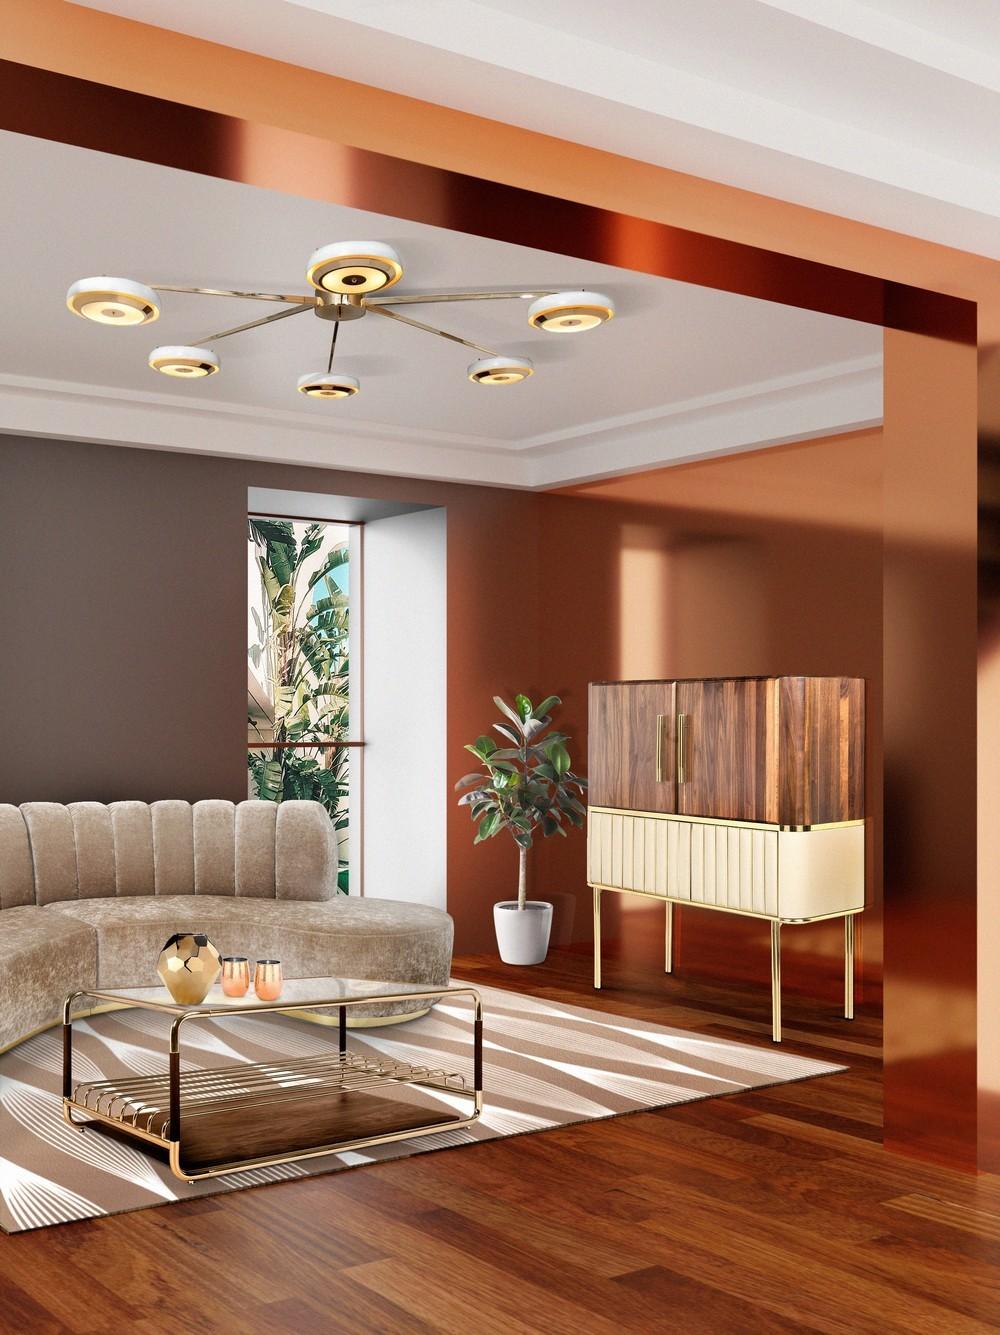 Diseño de Interiores: Armarios de Bar para un proyecto lujuoso diseño de interiores Diseño de Interiores: Armarios de Bar para un proyecto lujuoso Featured1 7